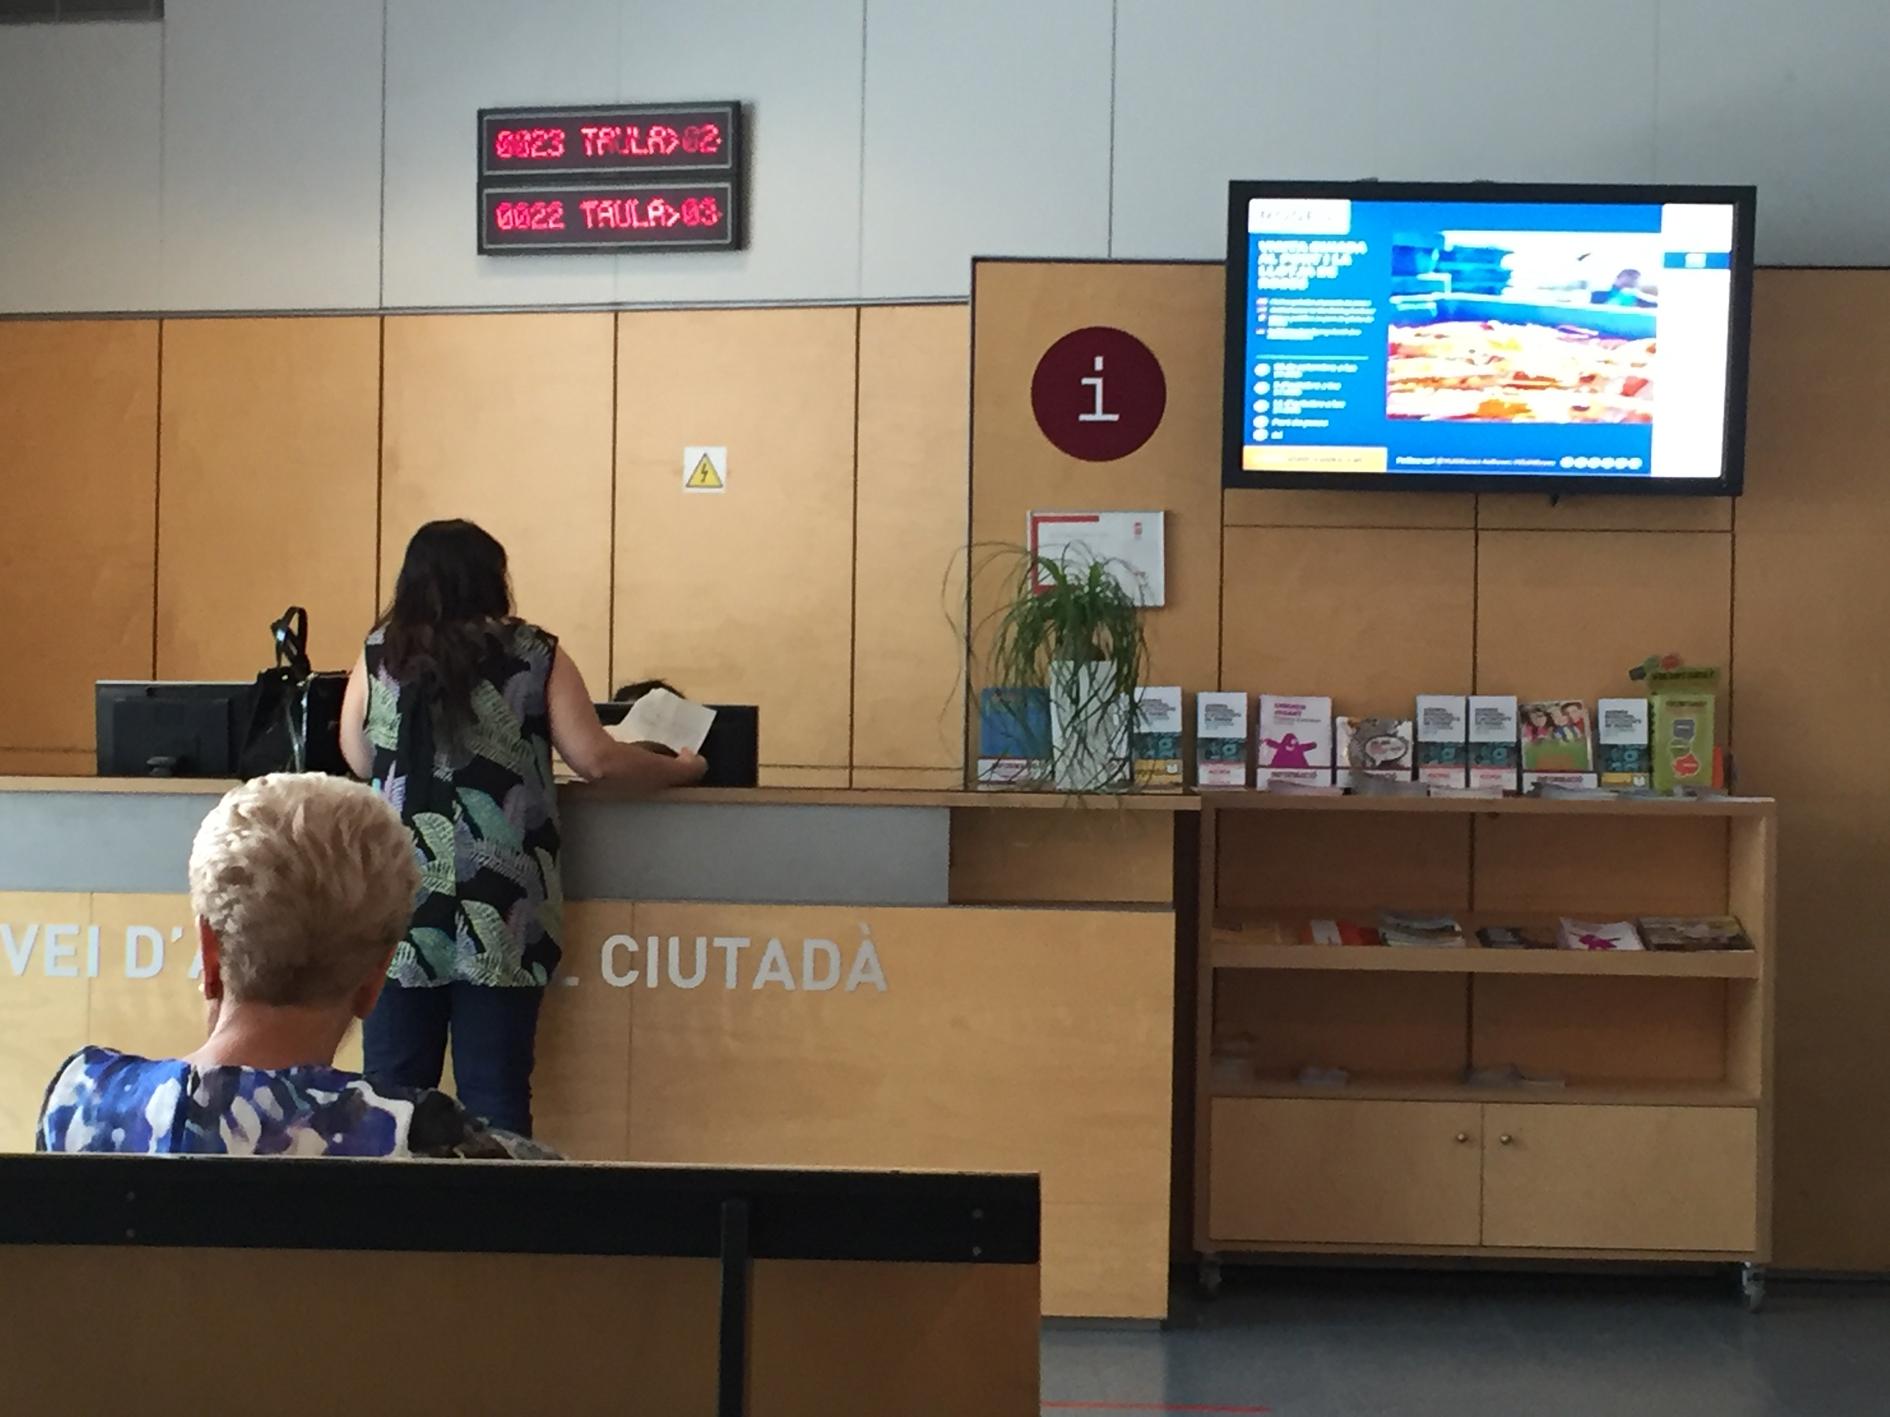 L'Ajuntament amplia el seu horari d'atenció al públic